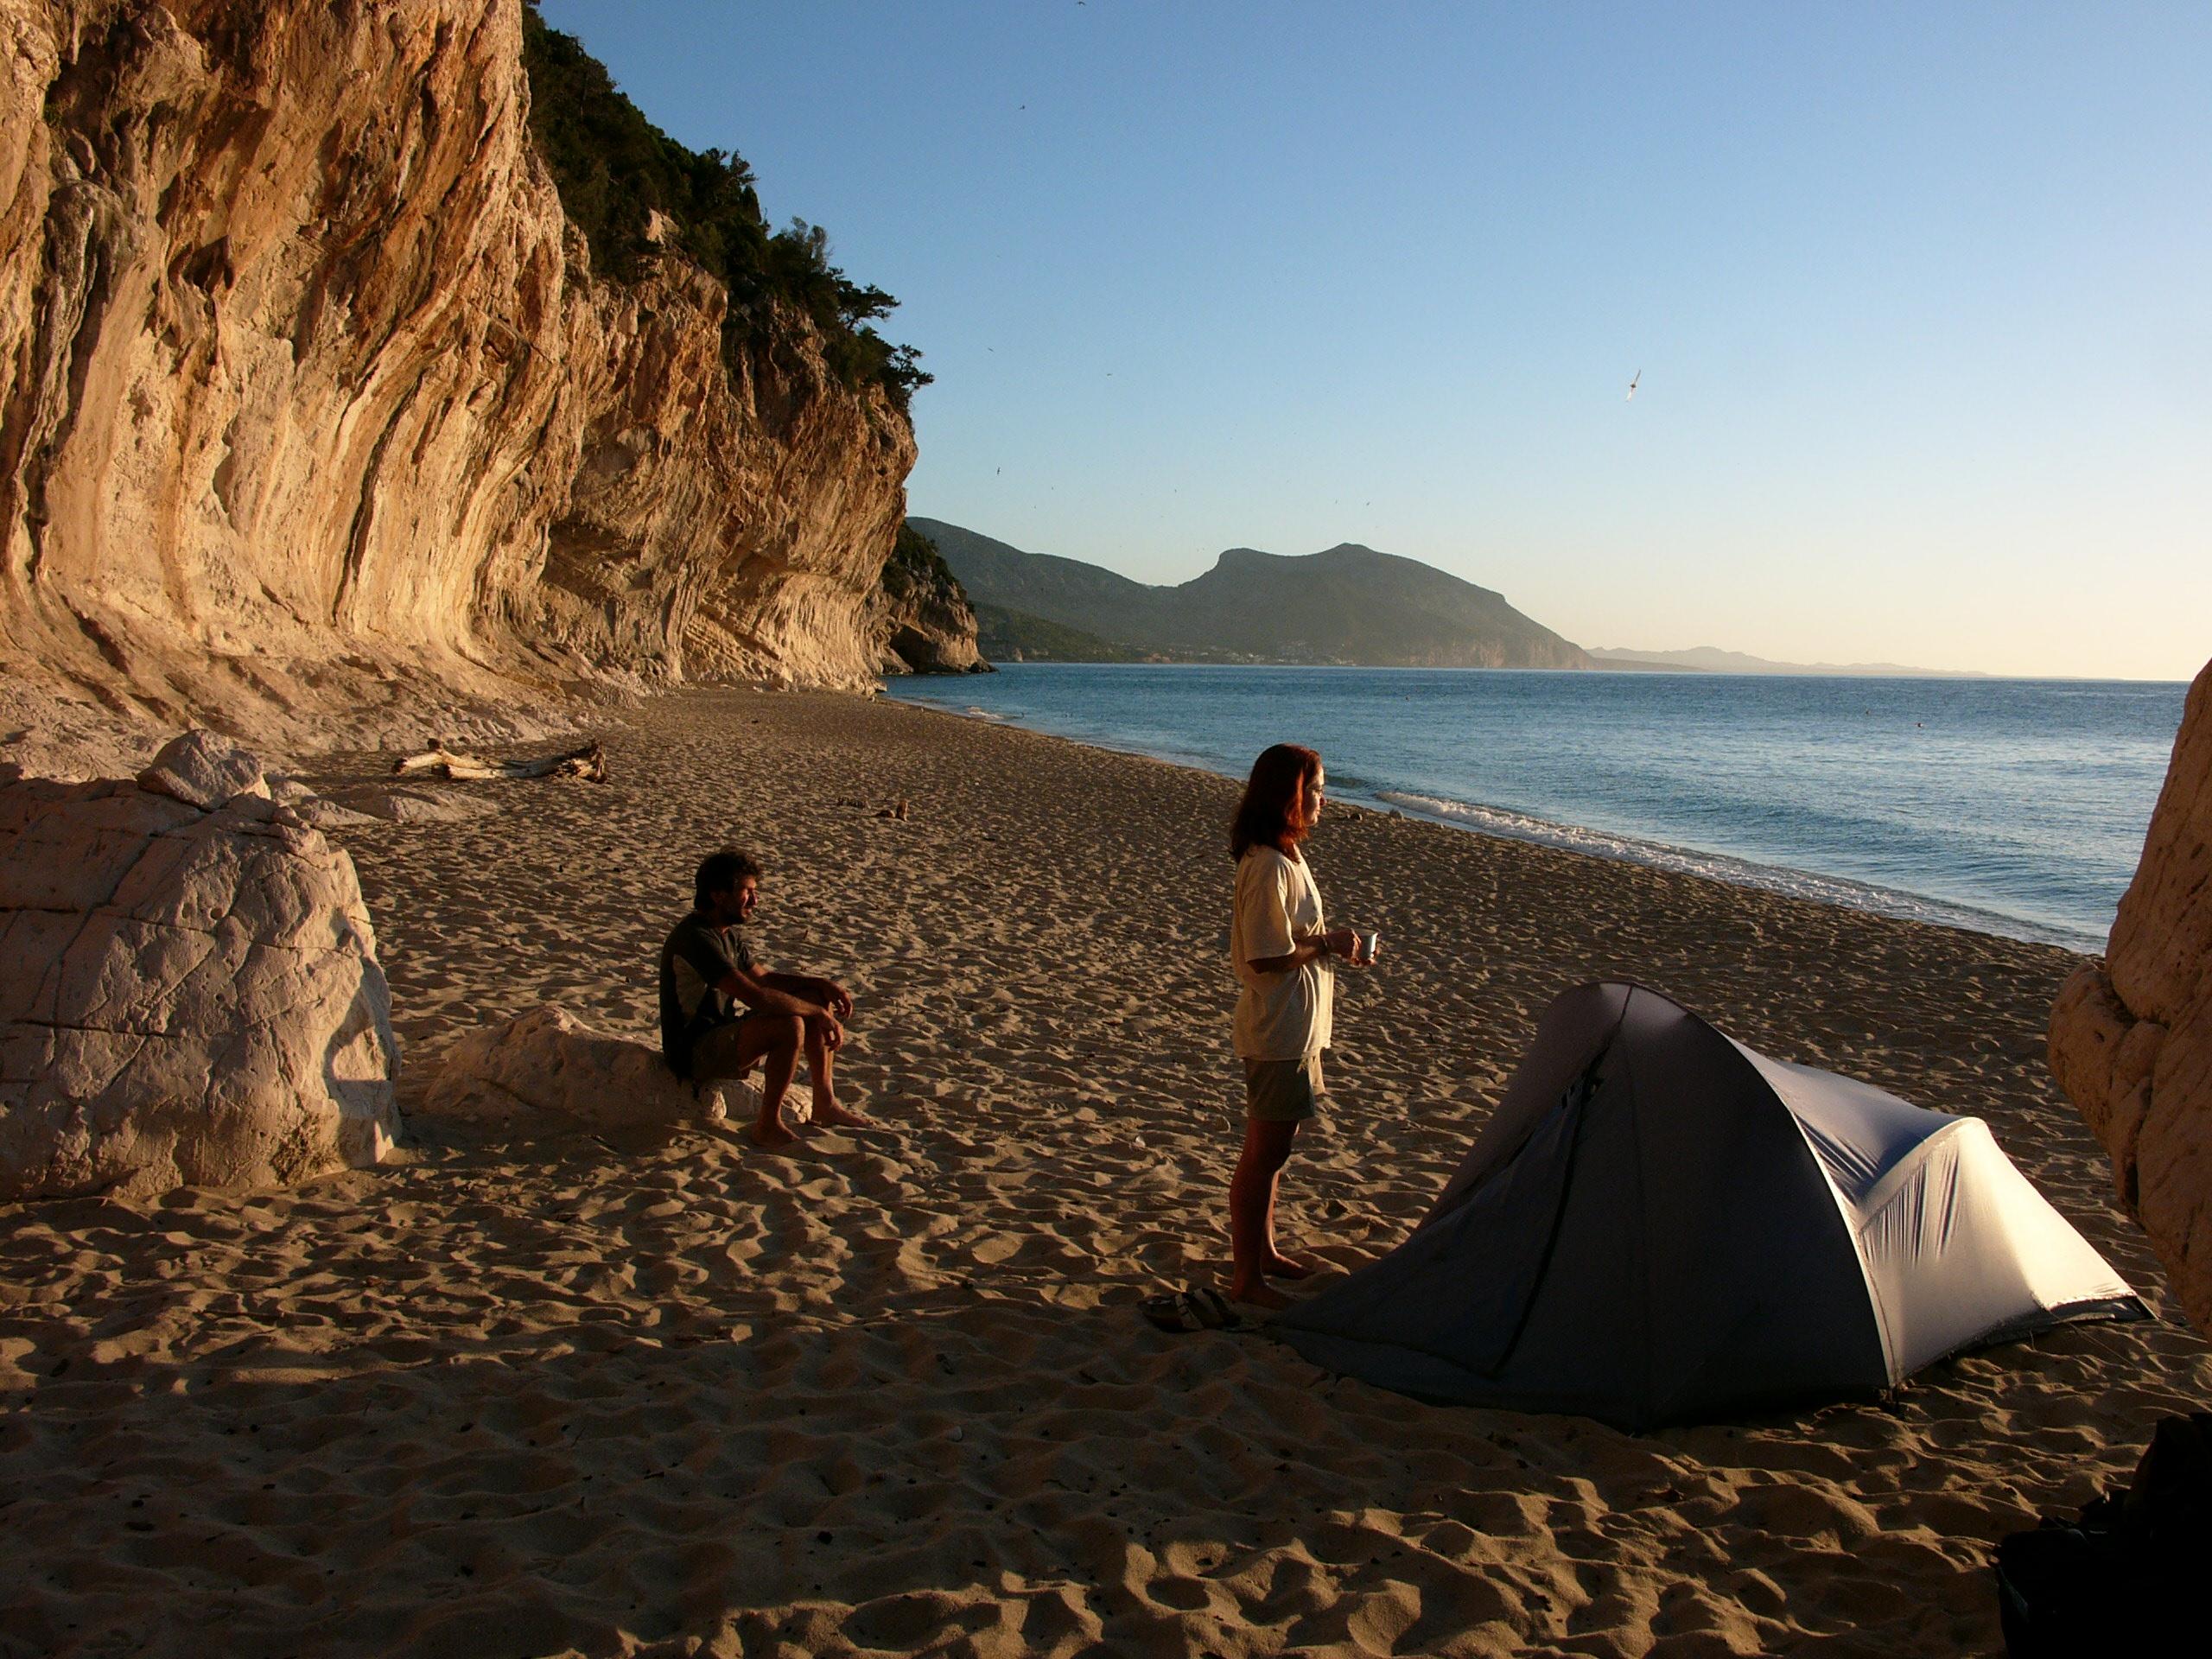 Cammino in tenda